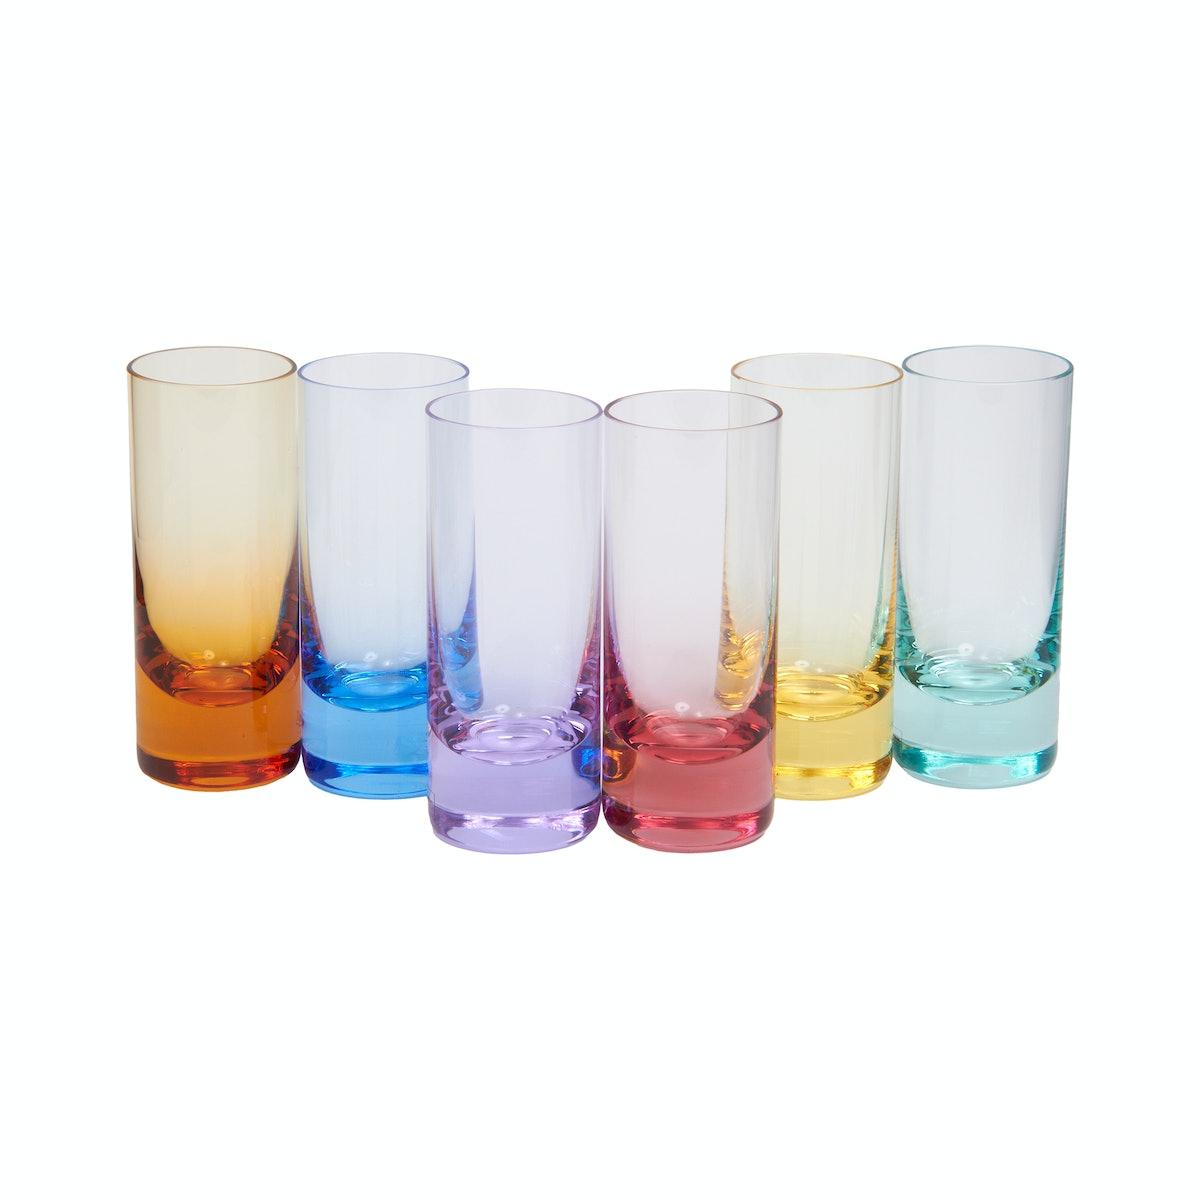 Moser-USA-shot-glasses,-$335,-barneys.com-1